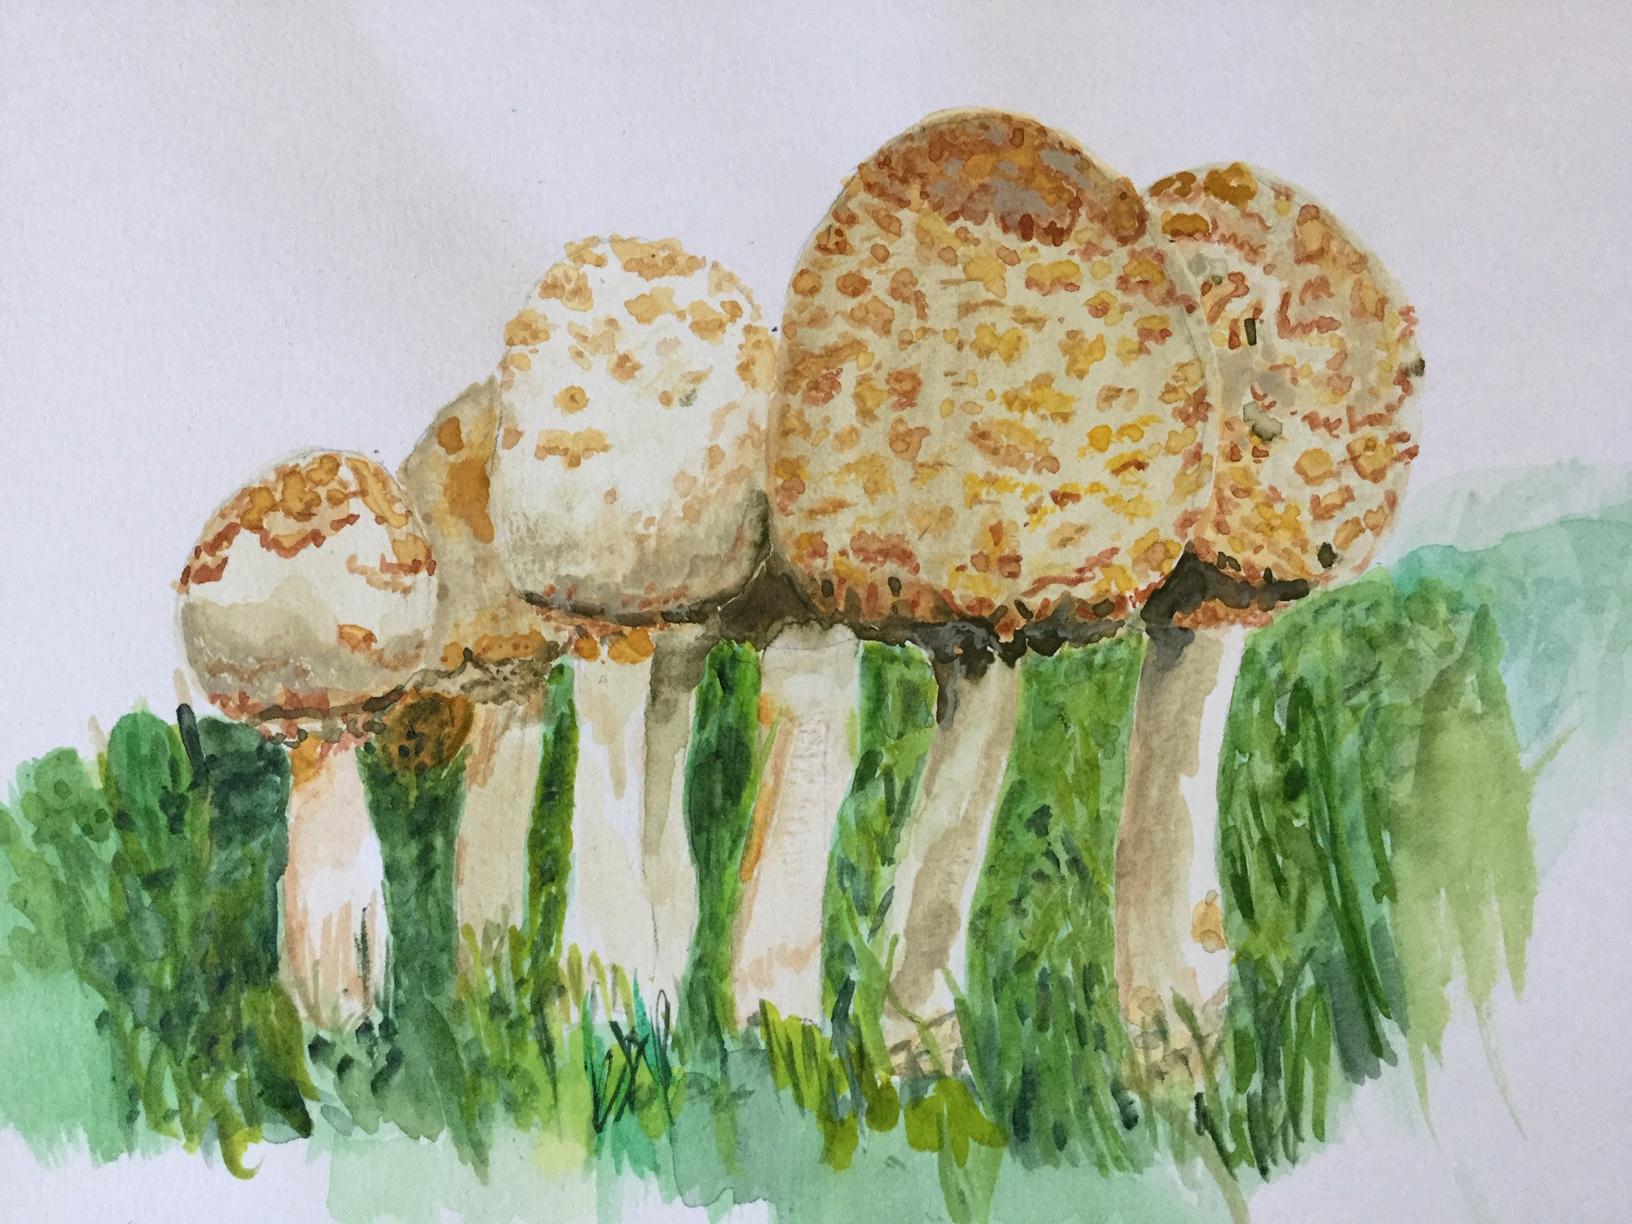 Golden Mushrooms 2020